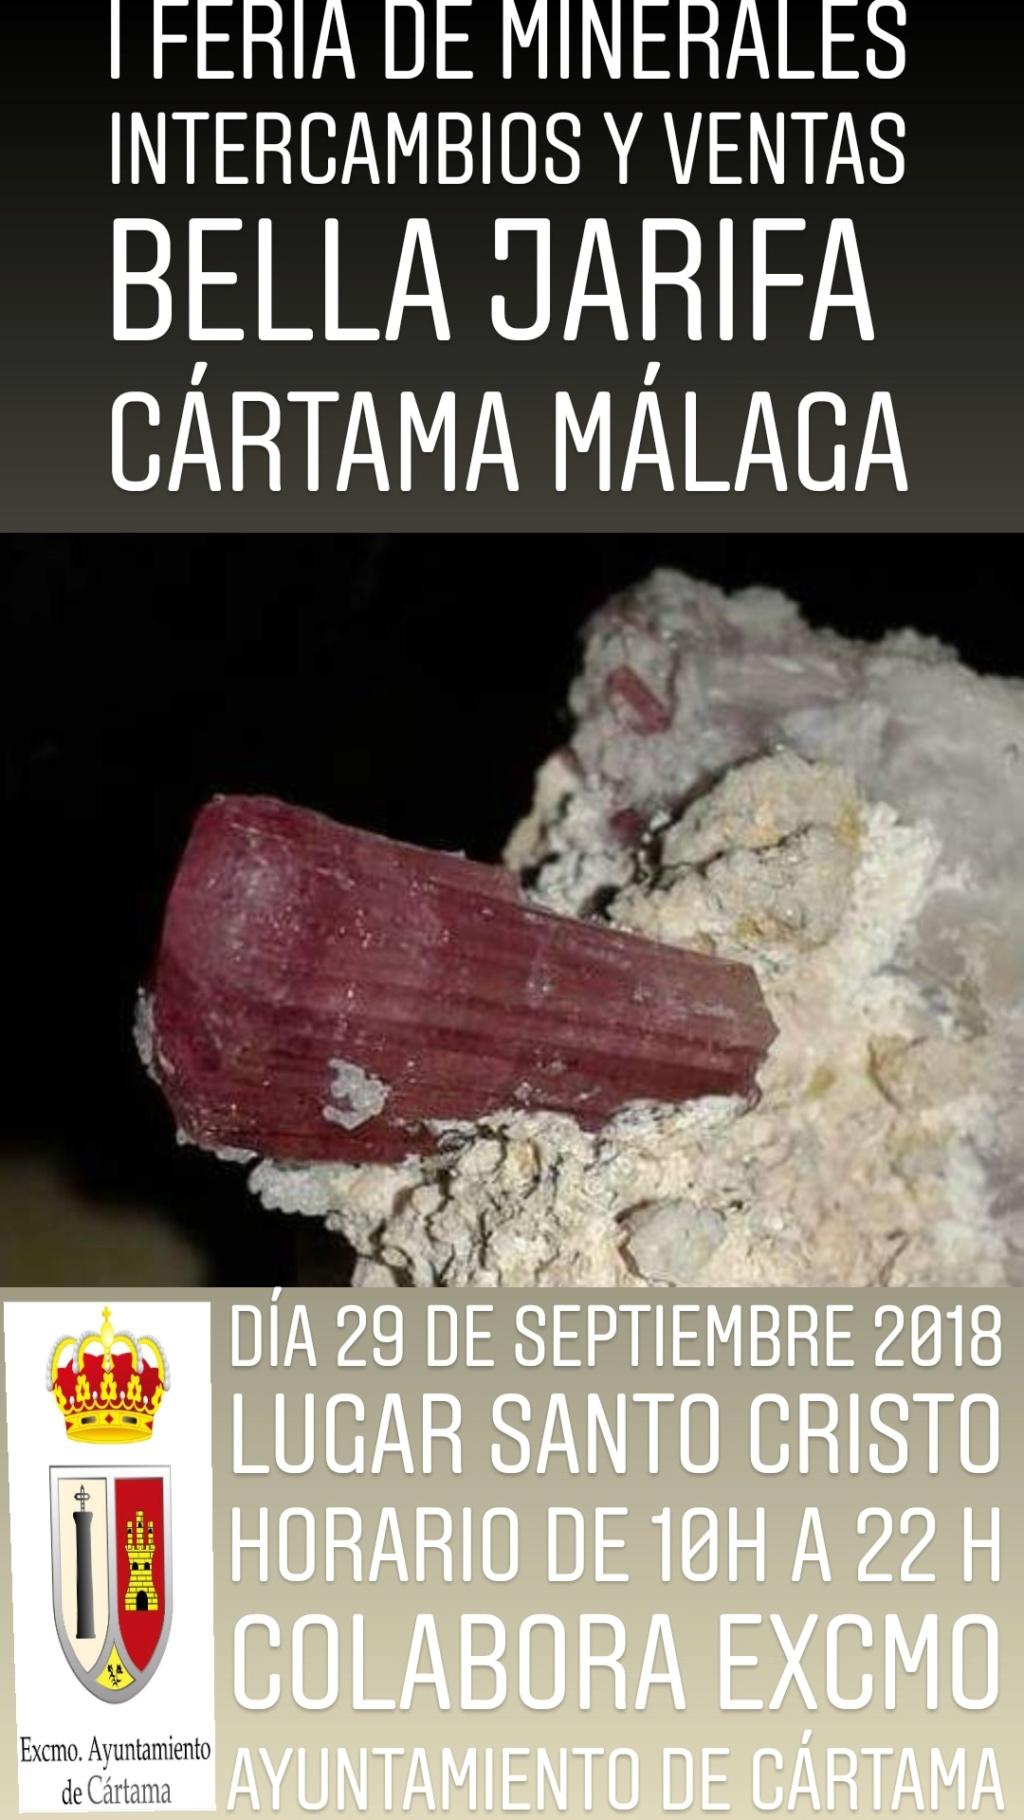 I Feria de minerales intercambio y venta de Cártama (MÁLAGA) 20180511